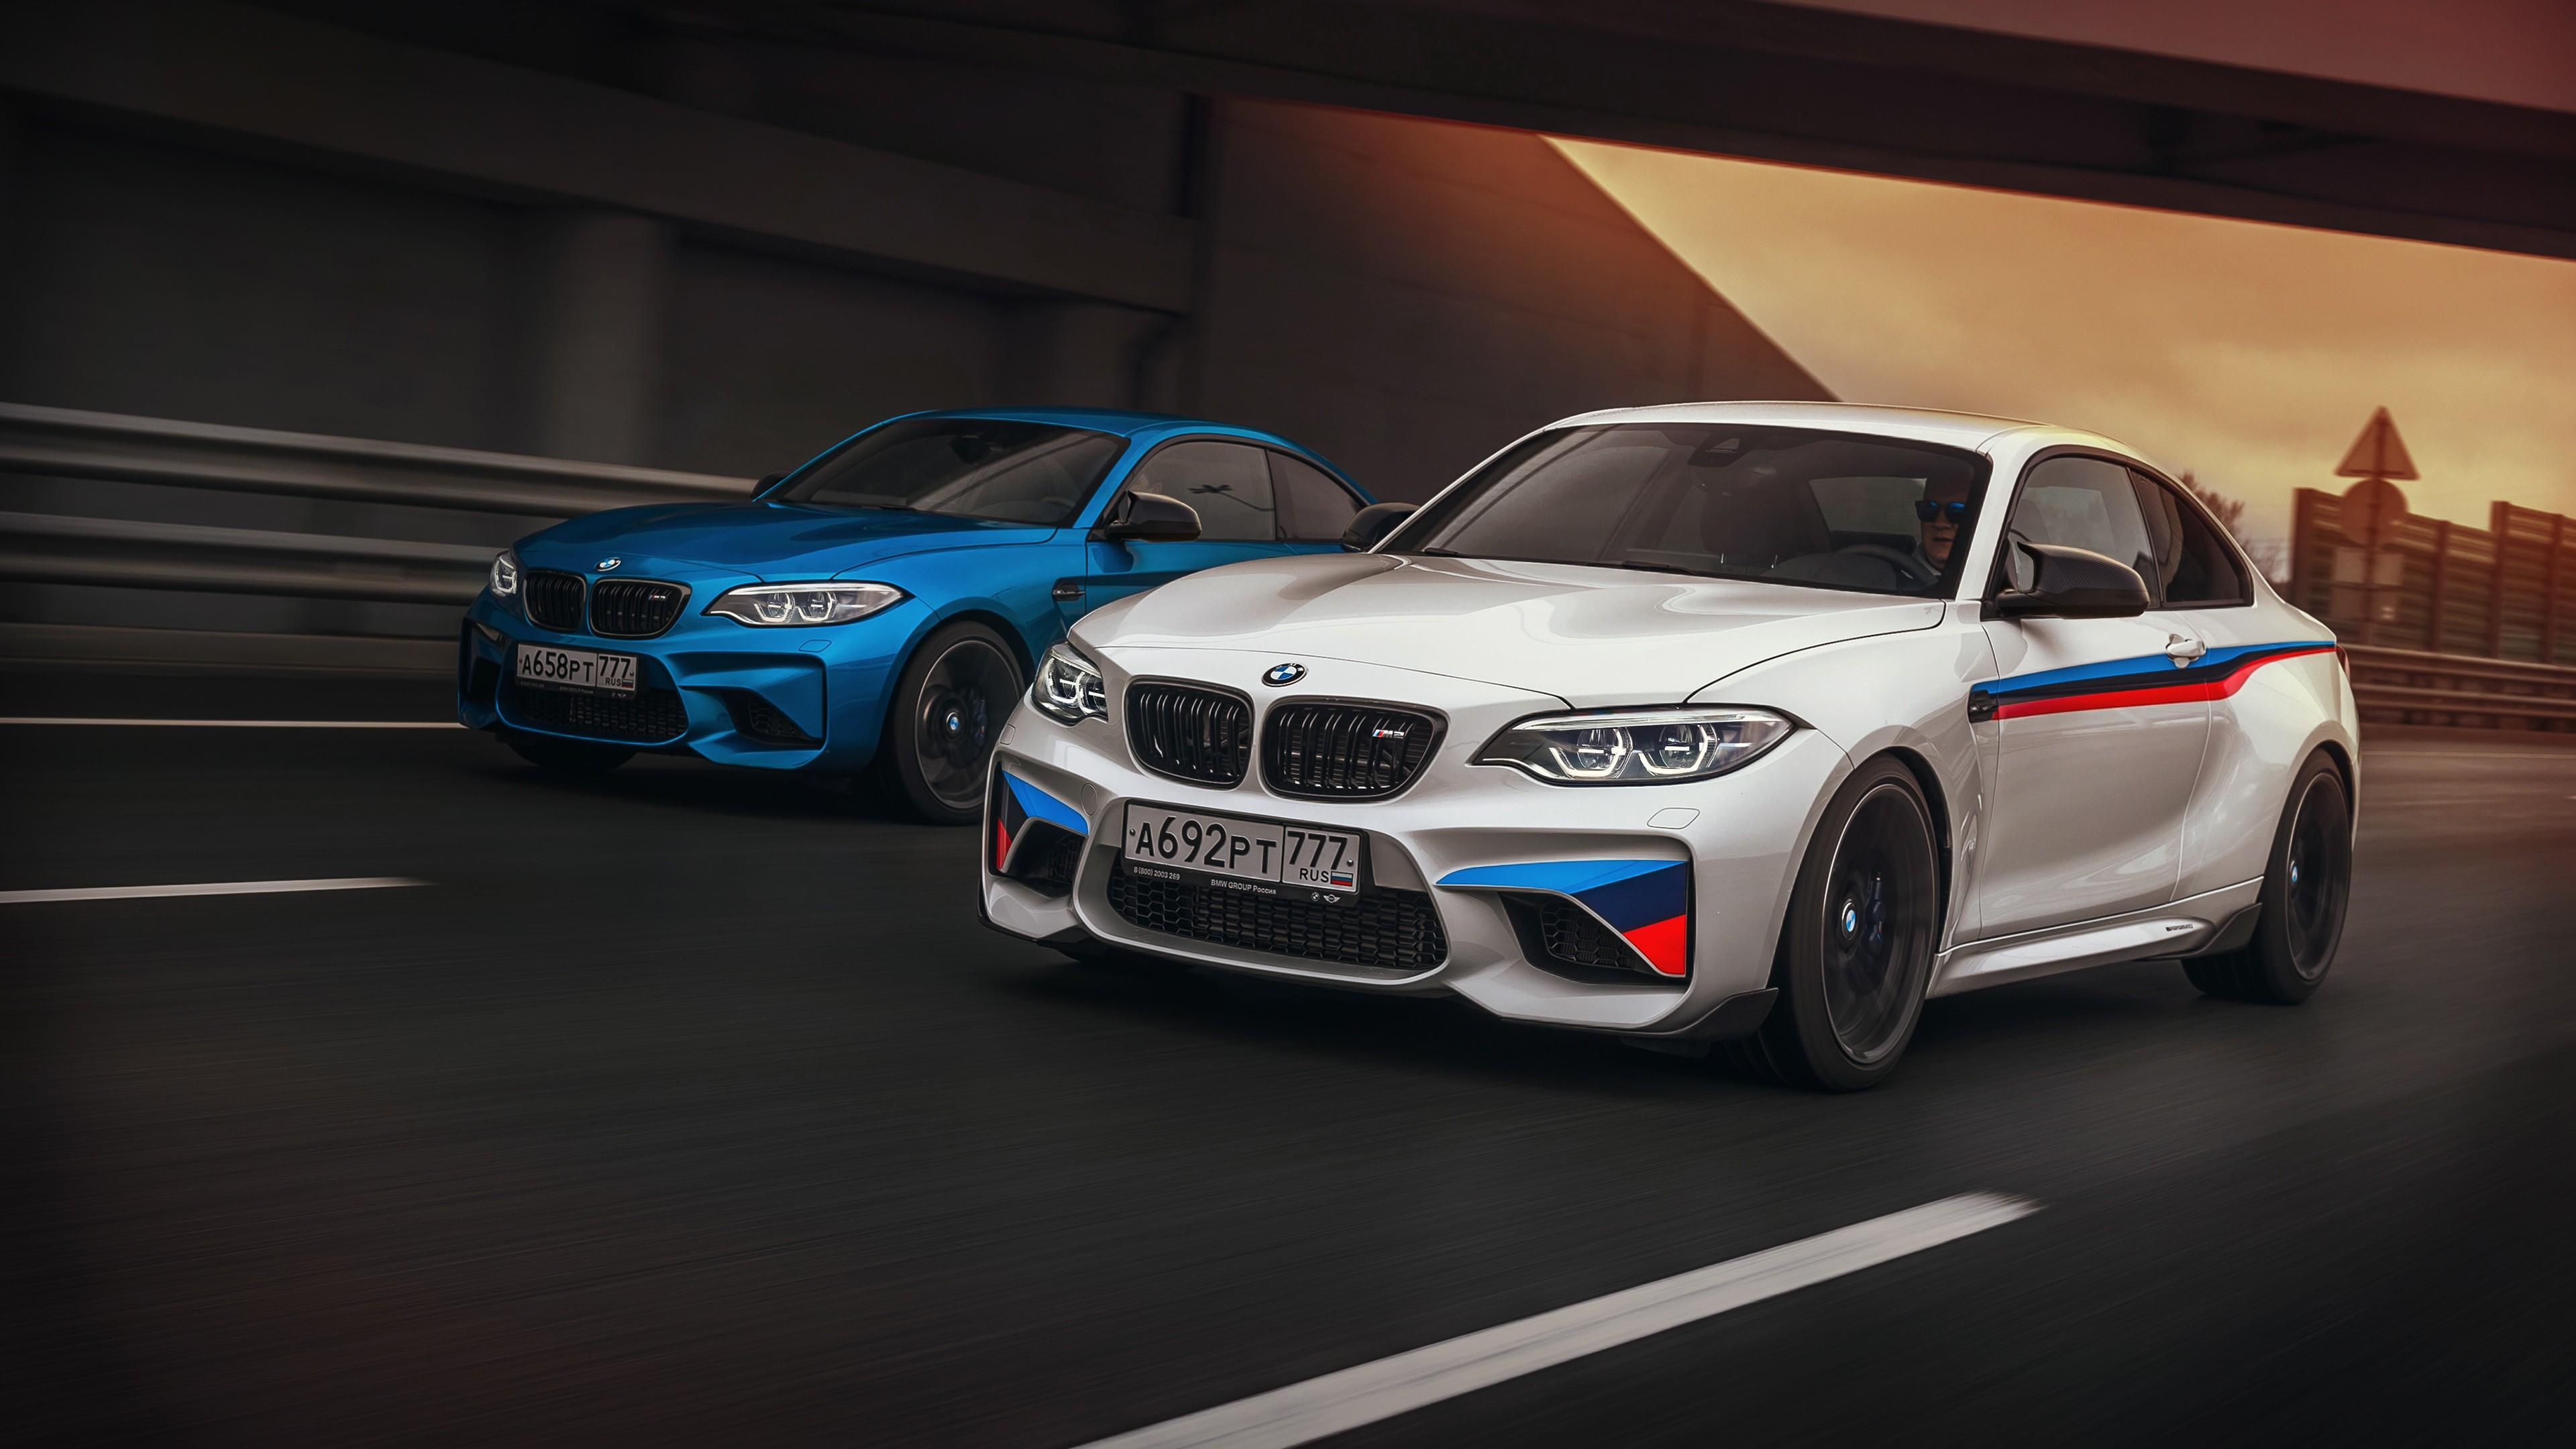 2018 BMW M2 4K Wallpaper   HD Car Wallpapers   ID #8106